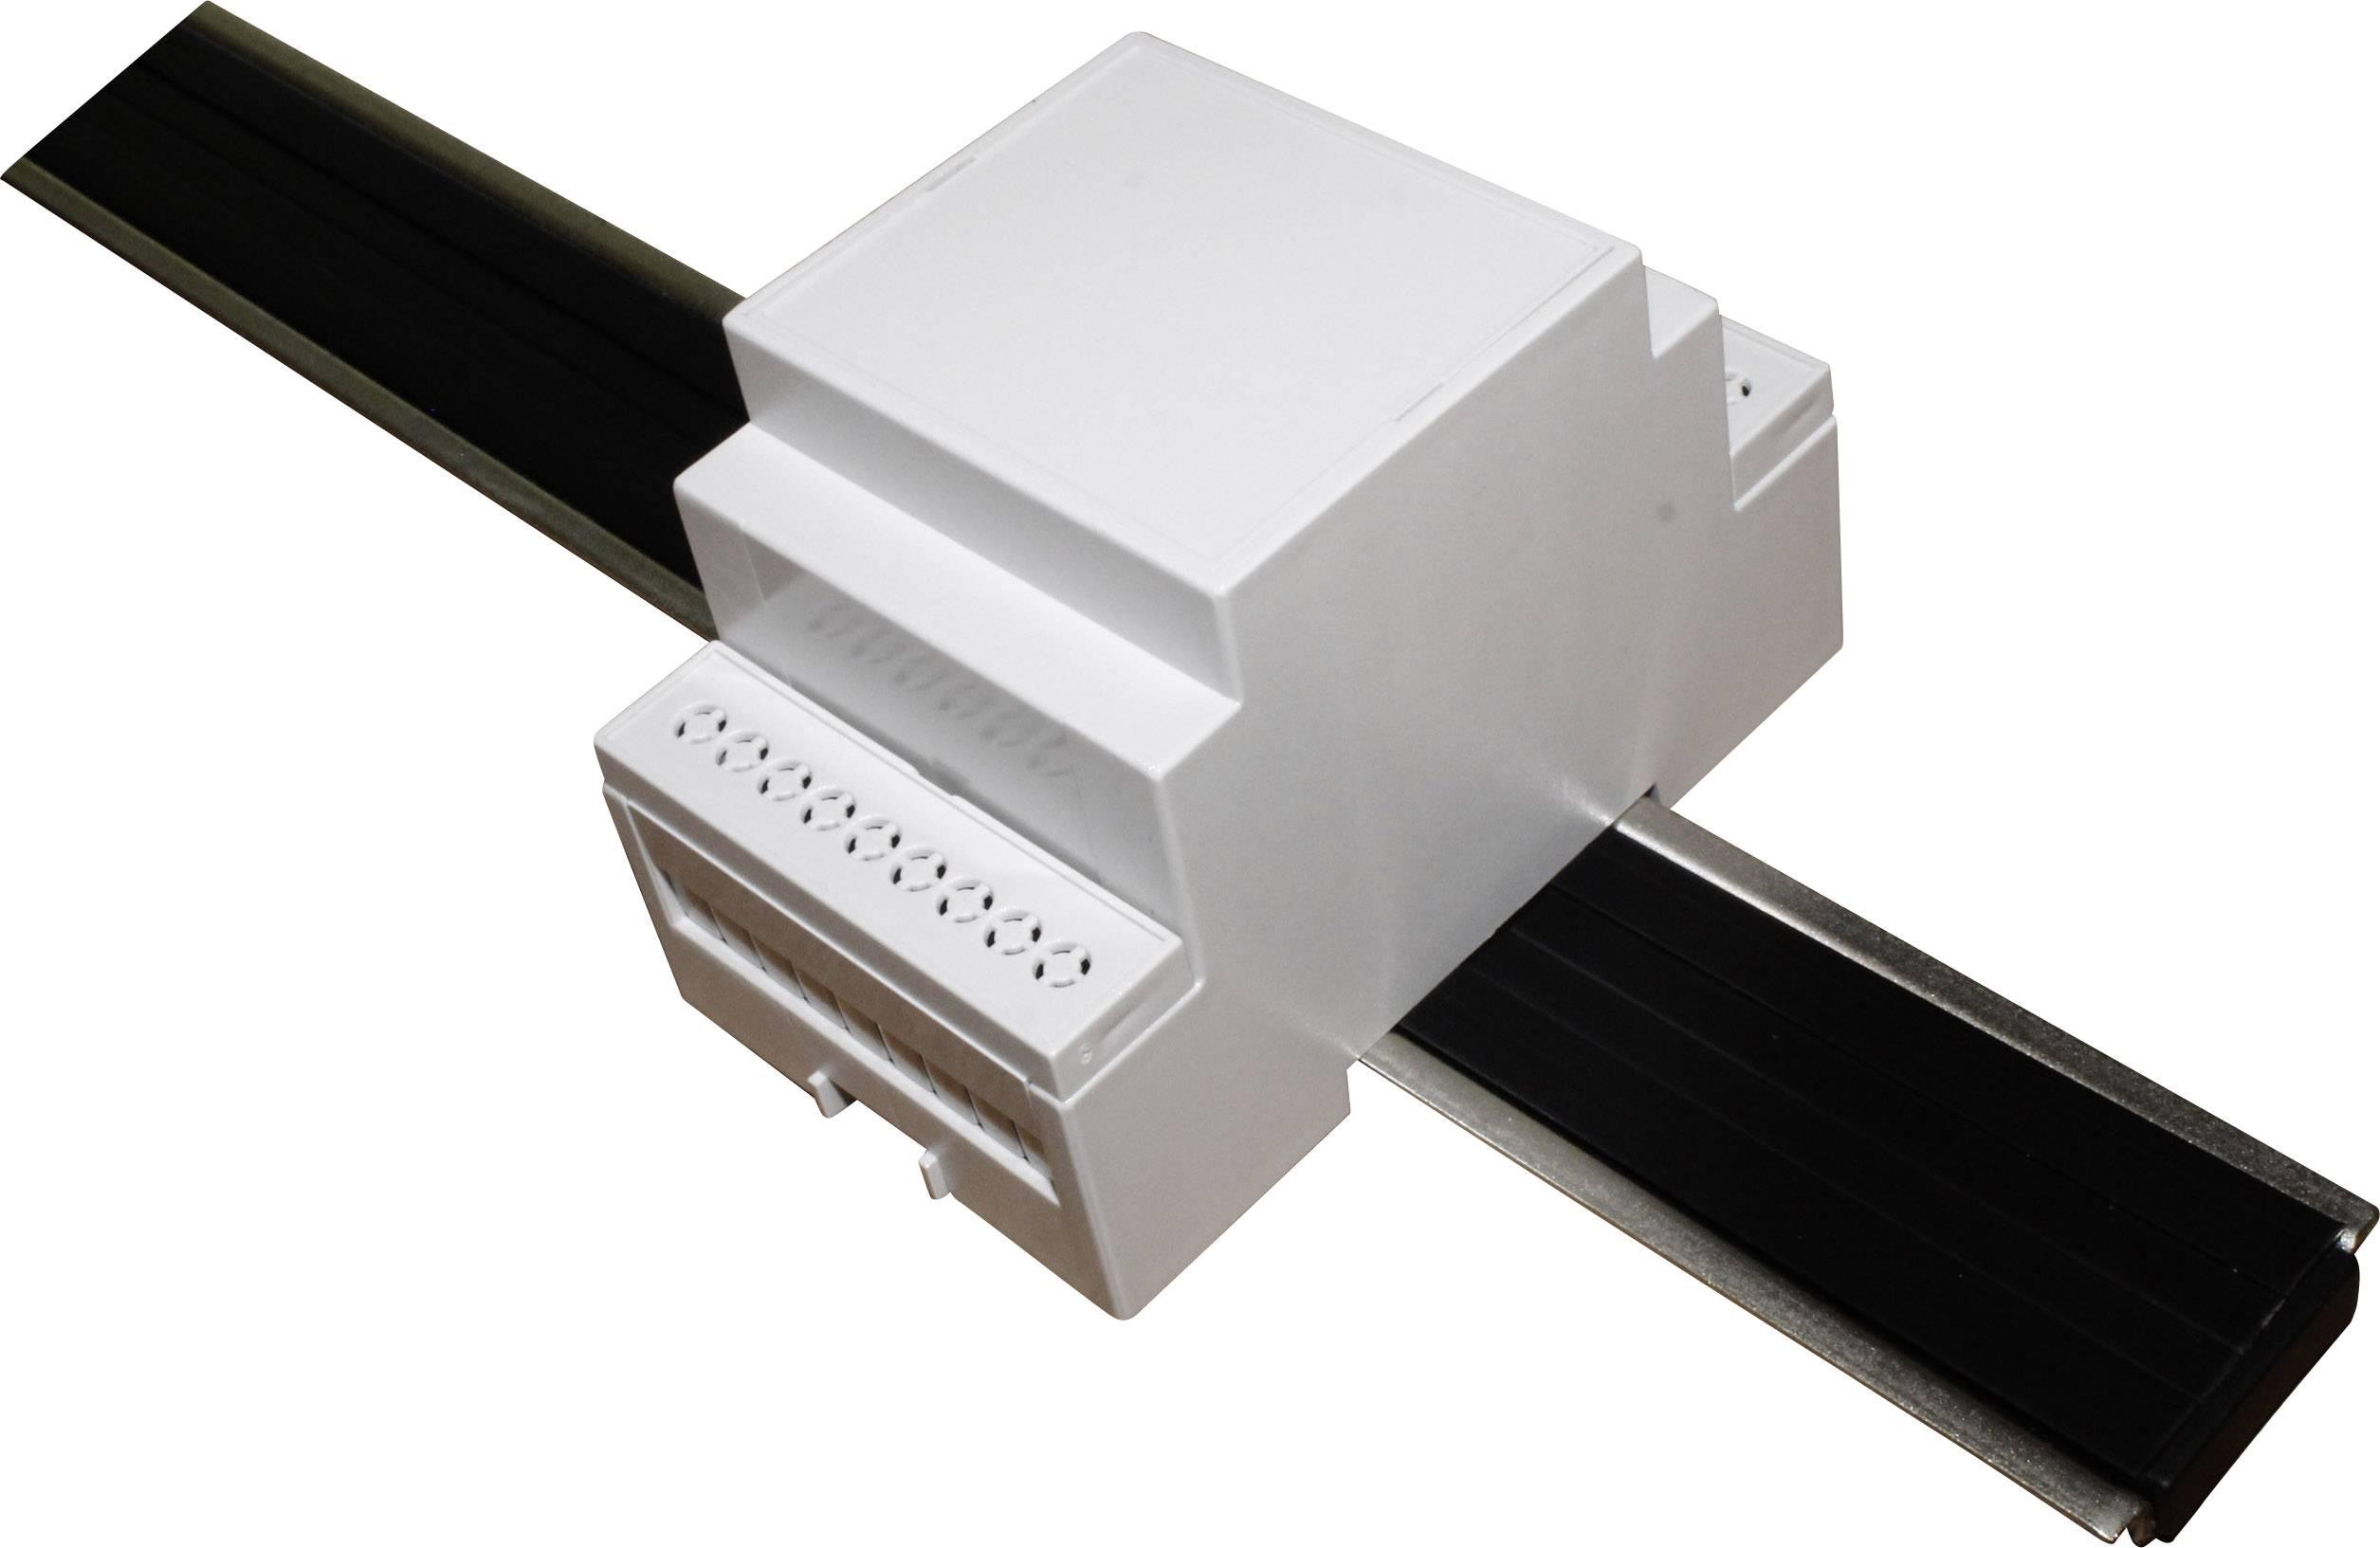 Pouzdro na DIN lištu Axxatronic CNMB/3/KIT/ACTIVE25-CON 58 x 53 x 90 , polykarbonát, šedá, 1 ks